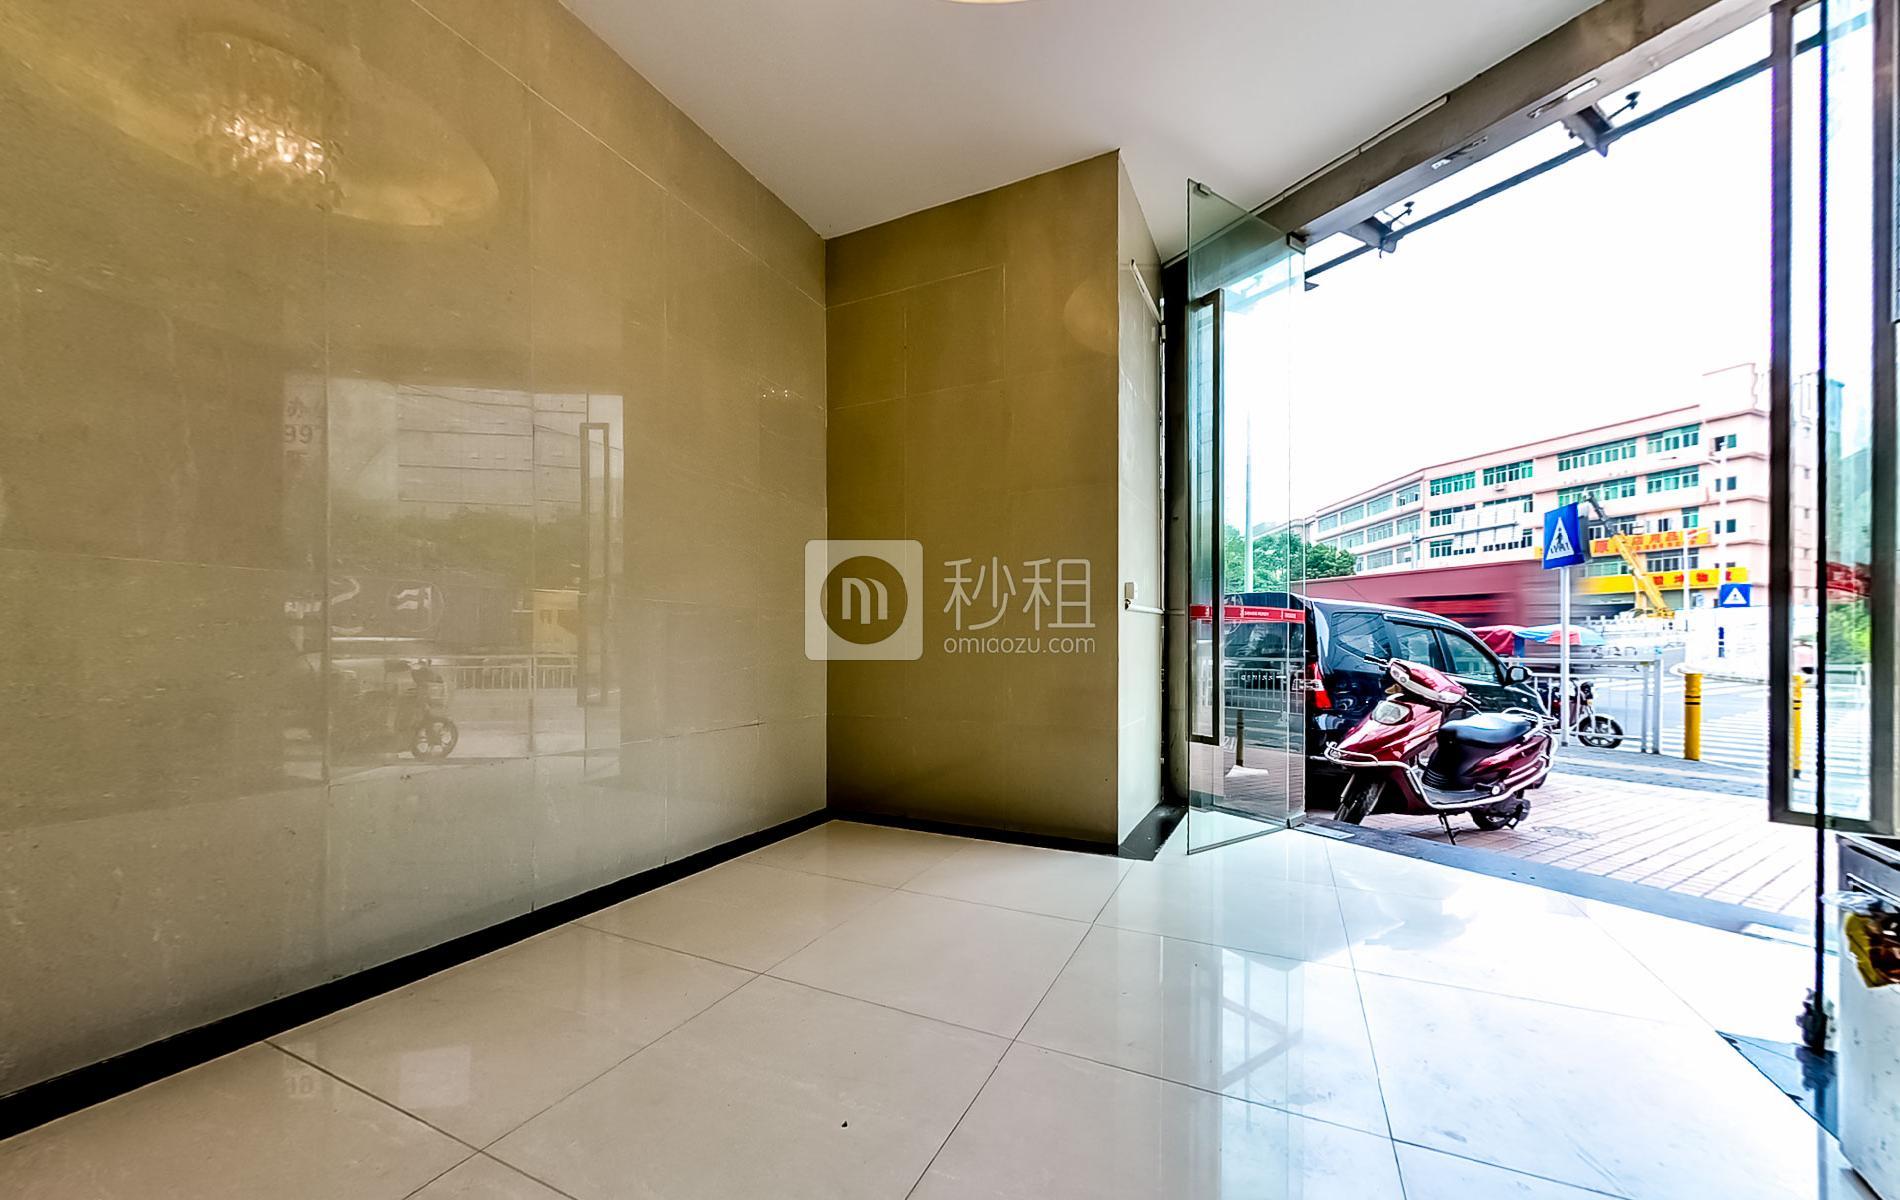 瑞意综合楼写字楼出租/招租/租赁,瑞意综合楼办公室出租/招租/租赁